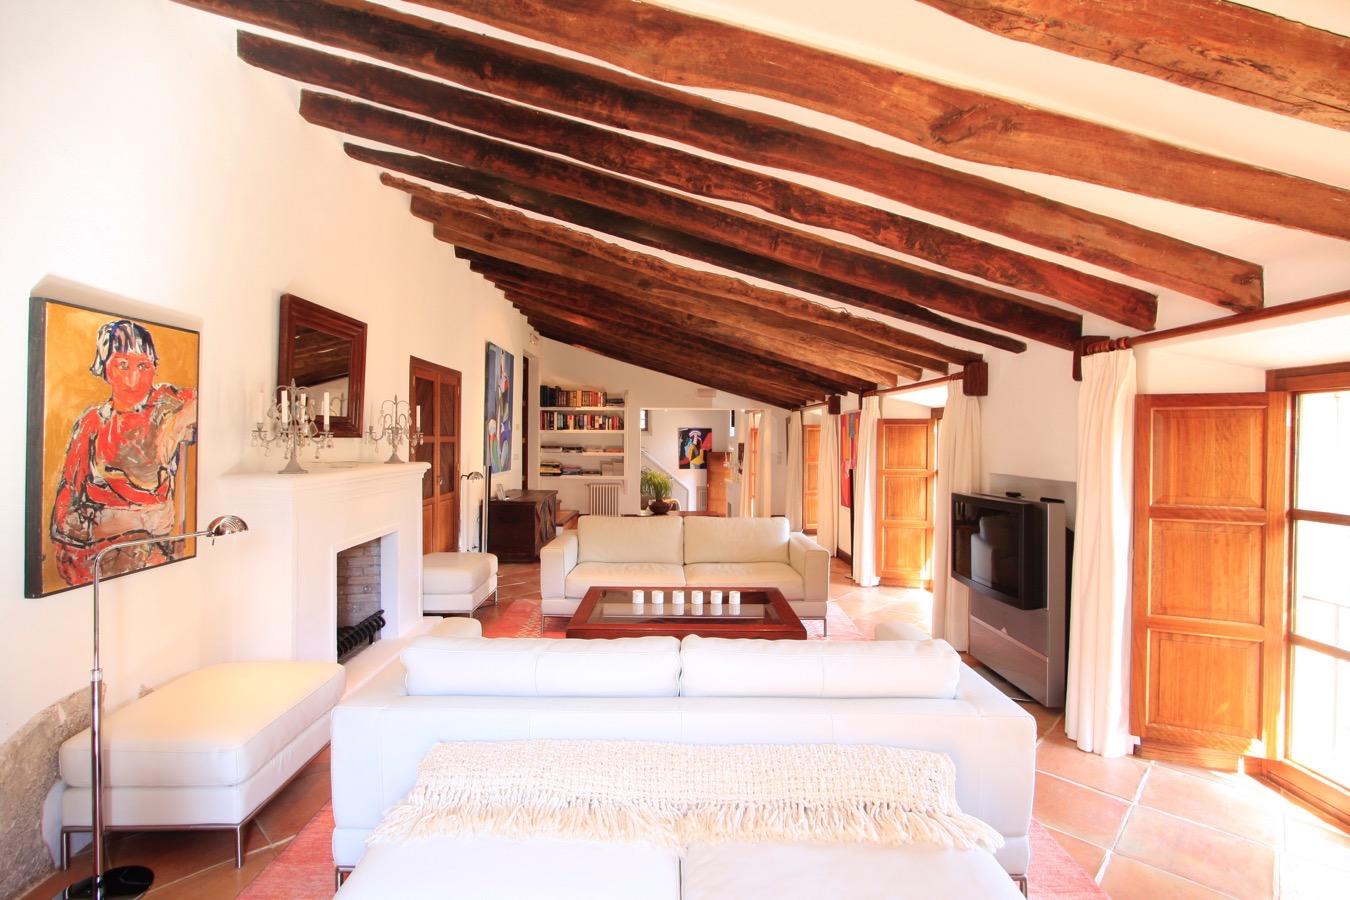 8 Bedrooms, Villa, Vacation Rental, 7 Bathrooms, Historic Estate Soller